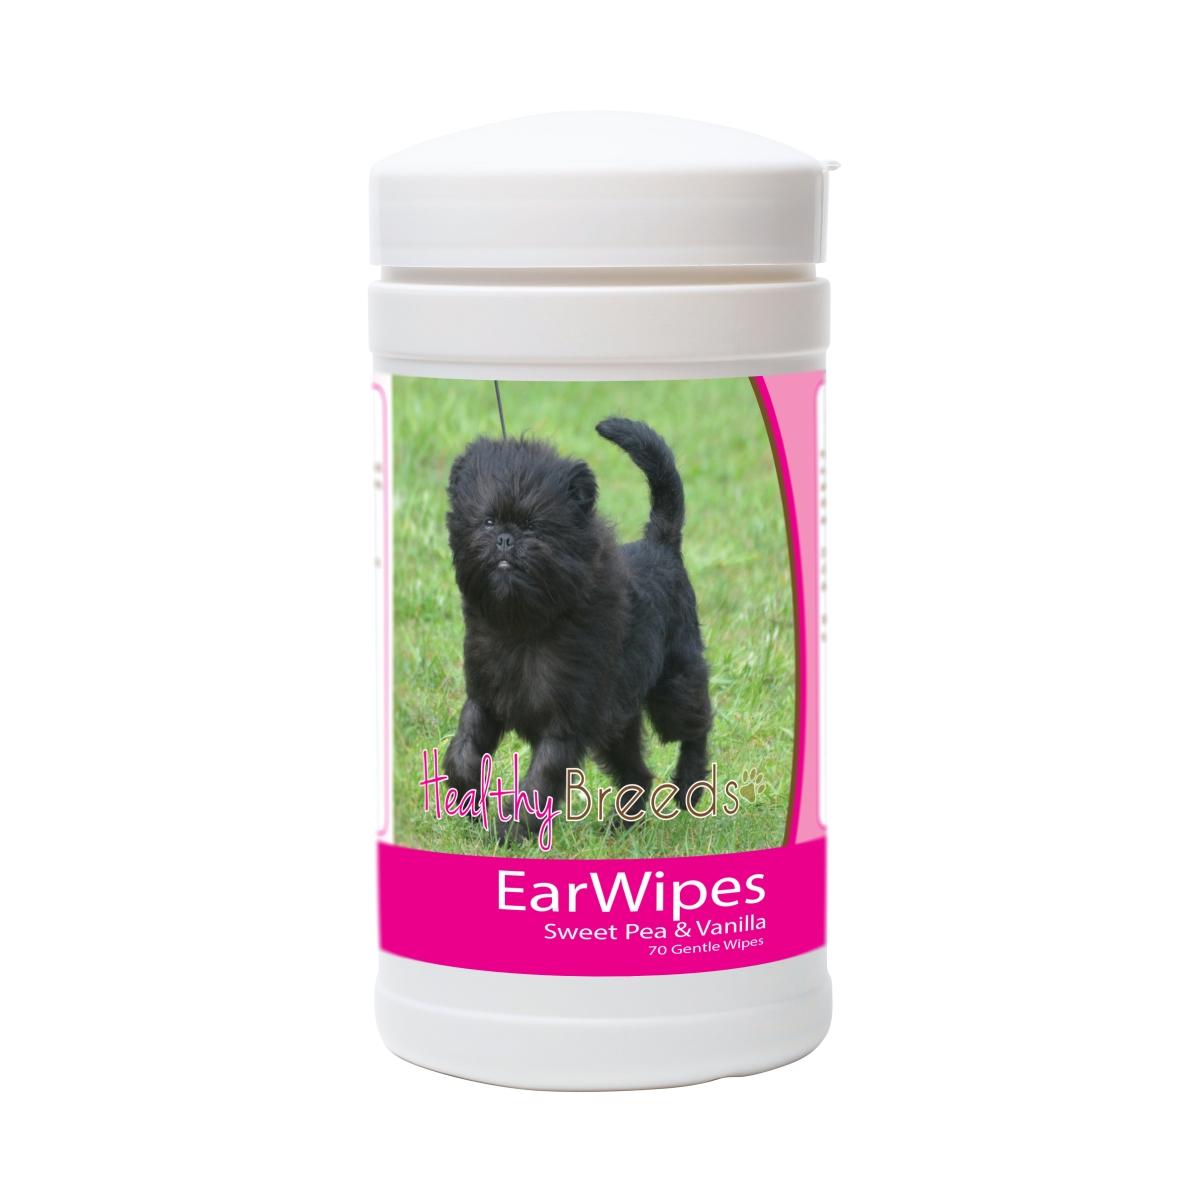 Healthy Breeds 840235171485 Affenpinscher Ear Wipes - 70 Count